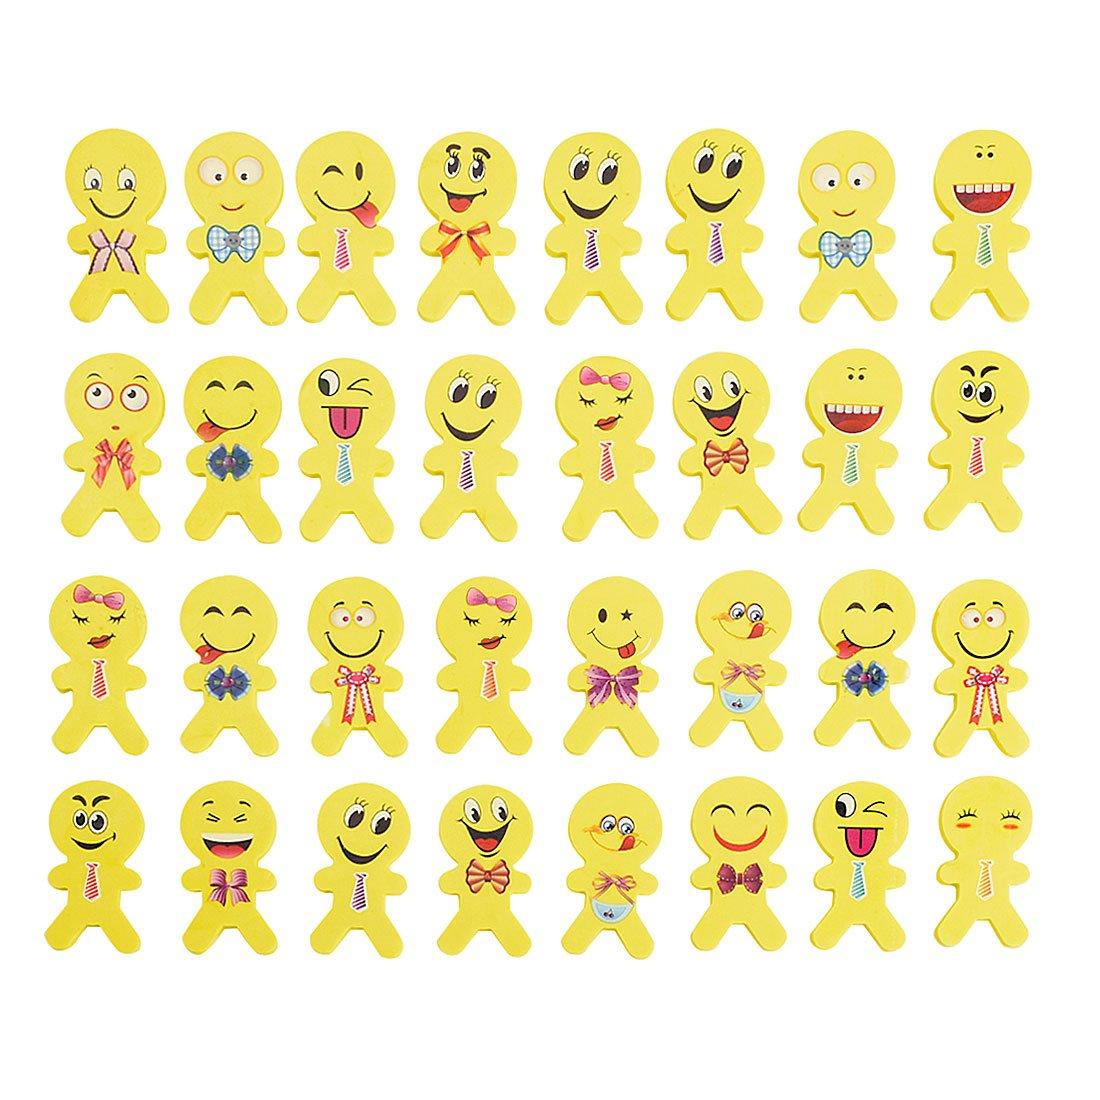 Lote de 60 l/ápices de goma con dise/ño de emoticonos 60 emoji-2 Emoji